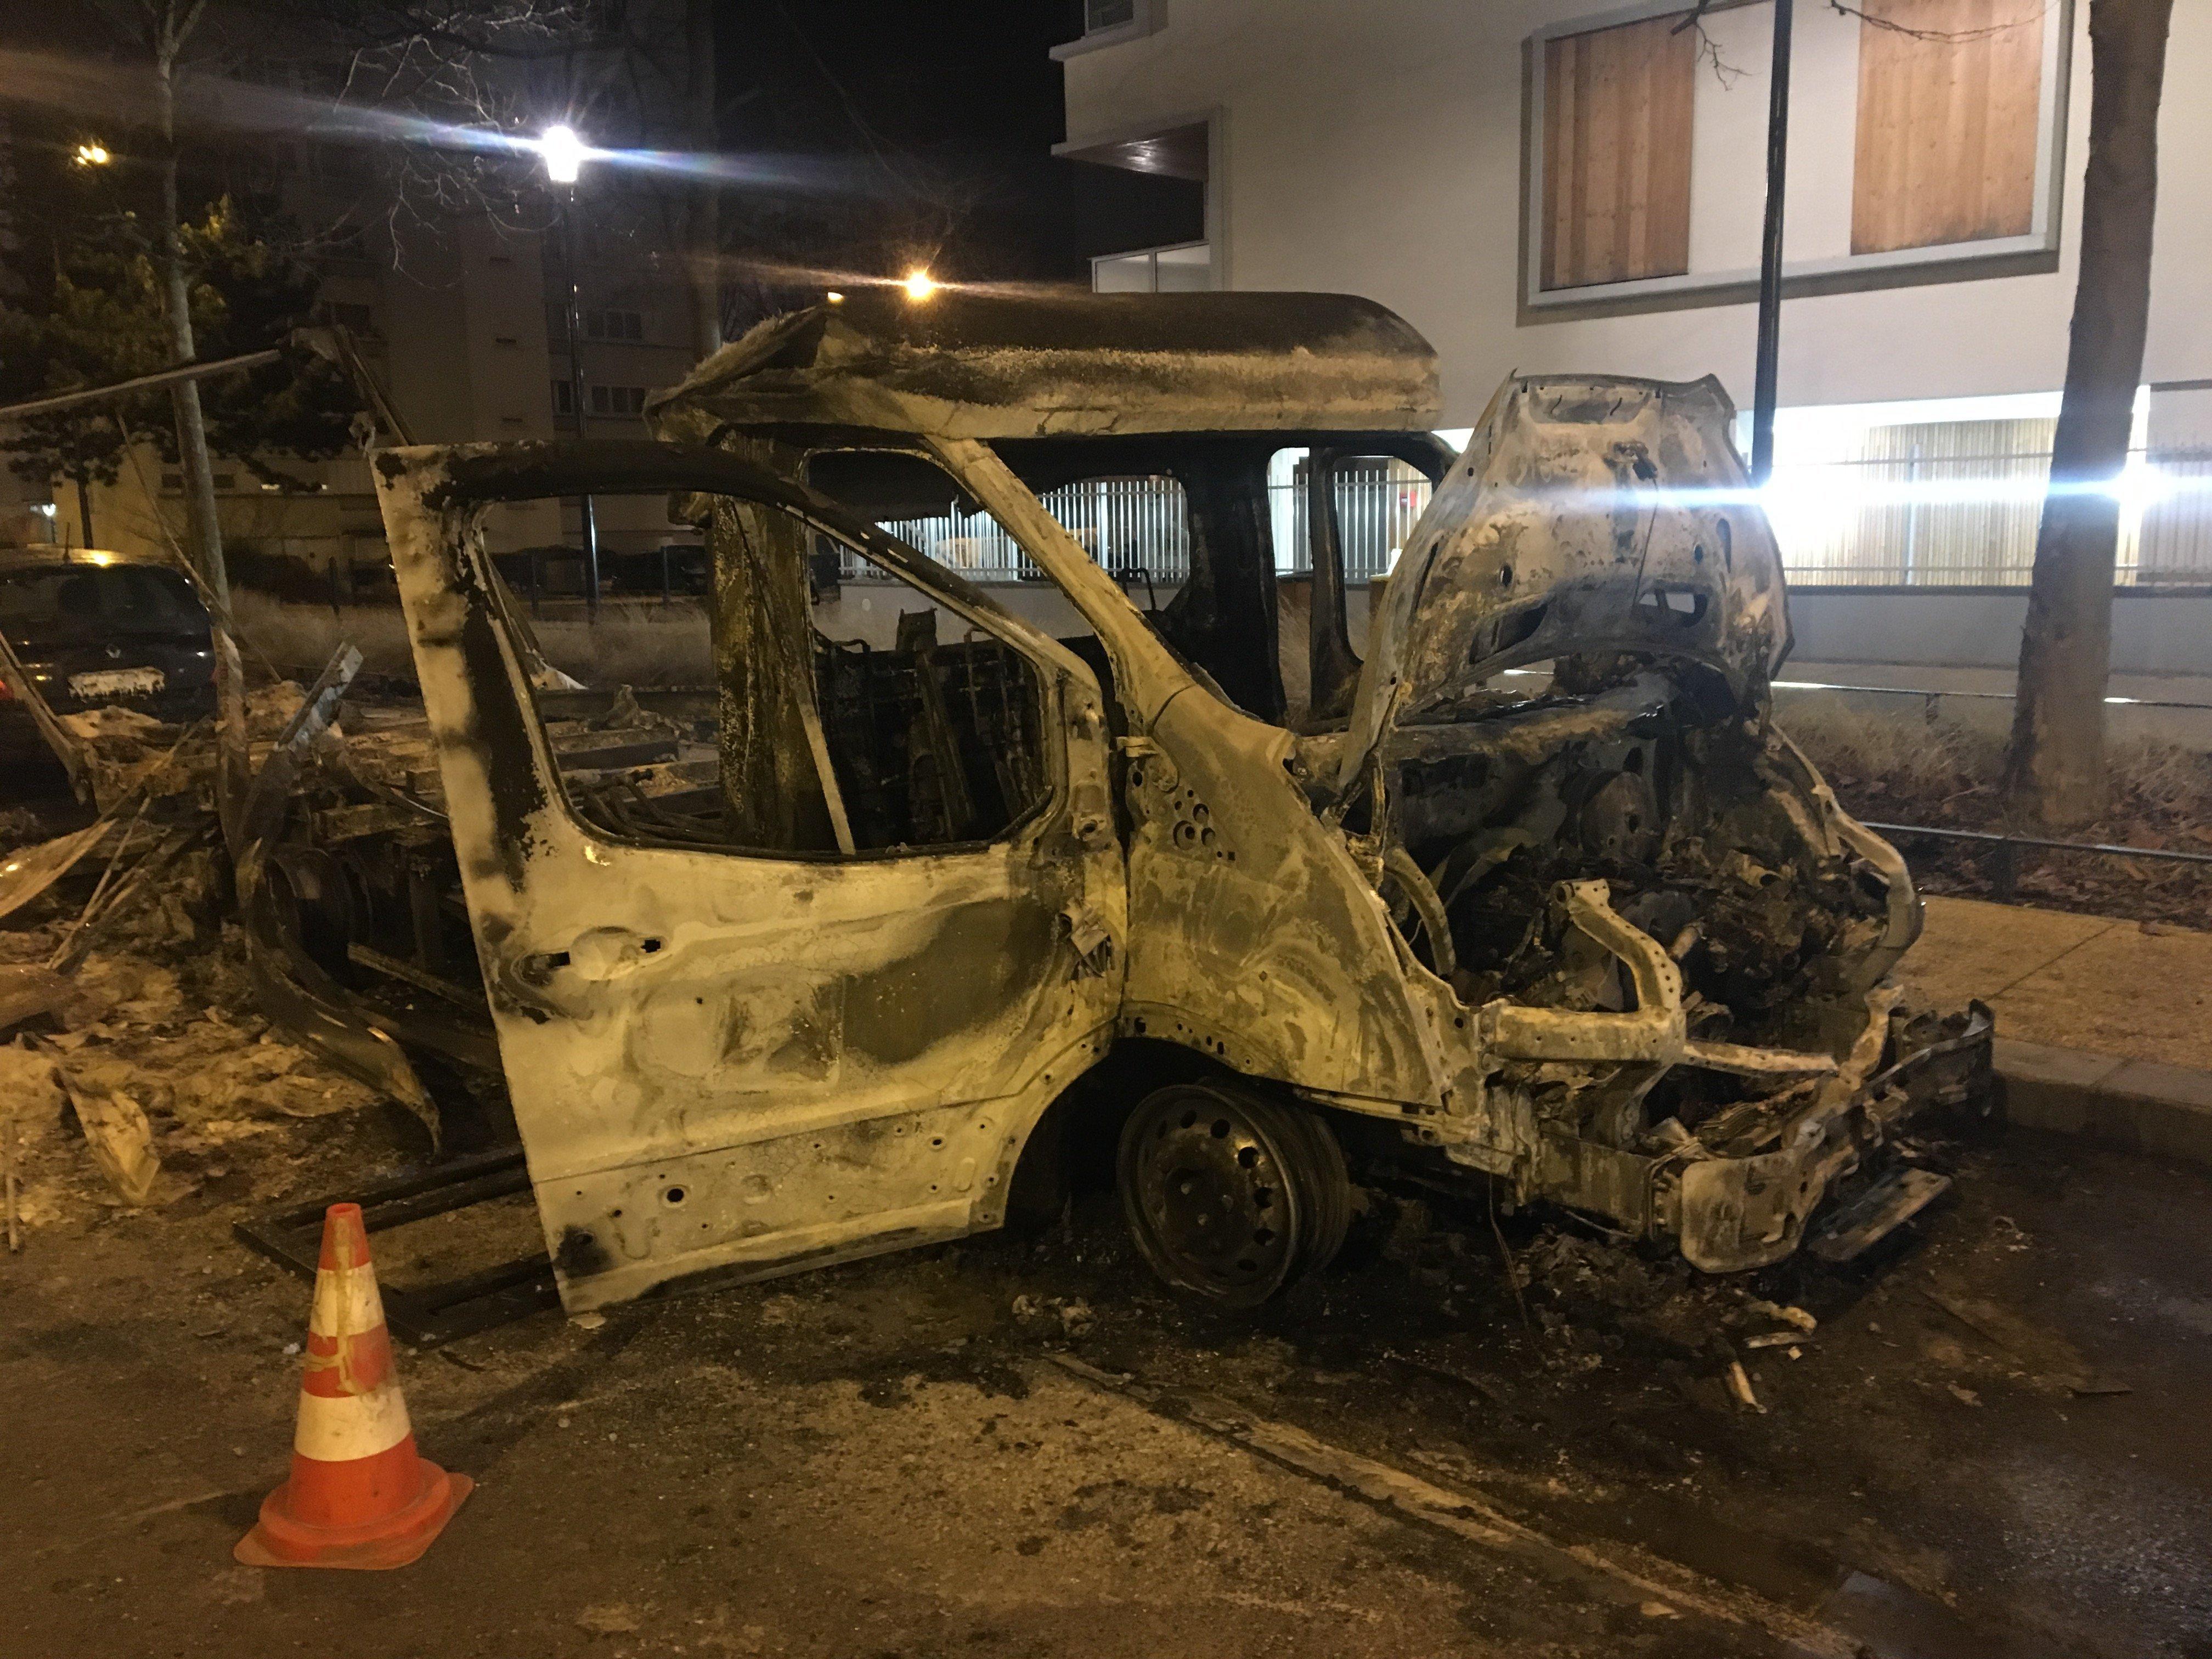 Consequências de protestos contra brutalidade policial na cidade de Bobigny, França